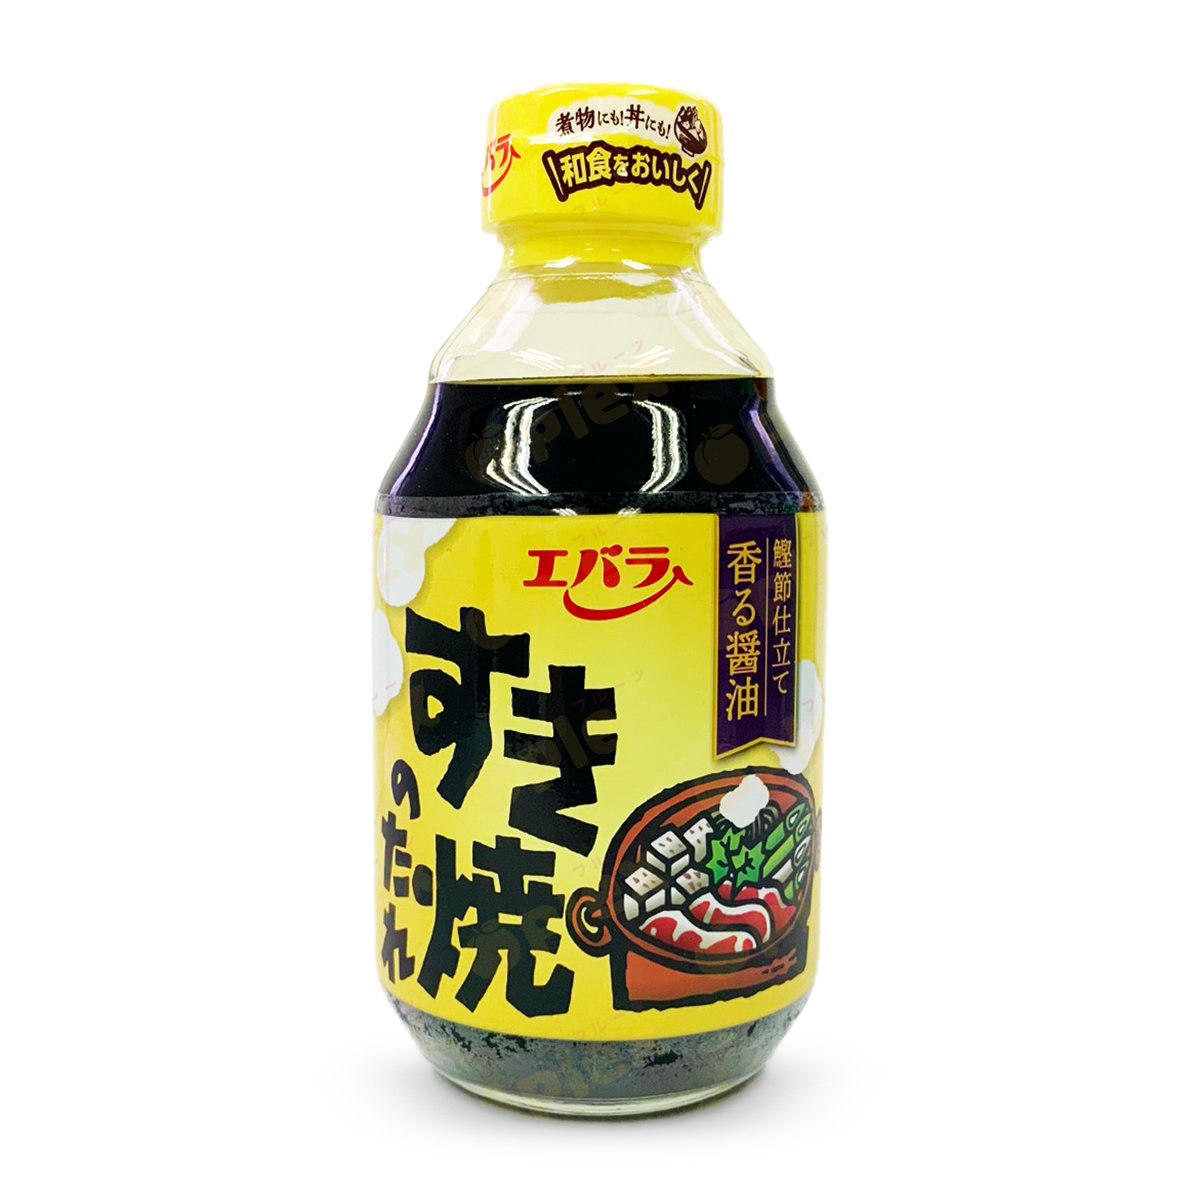 日式壽喜燒火鍋醬汁 (300毫升)